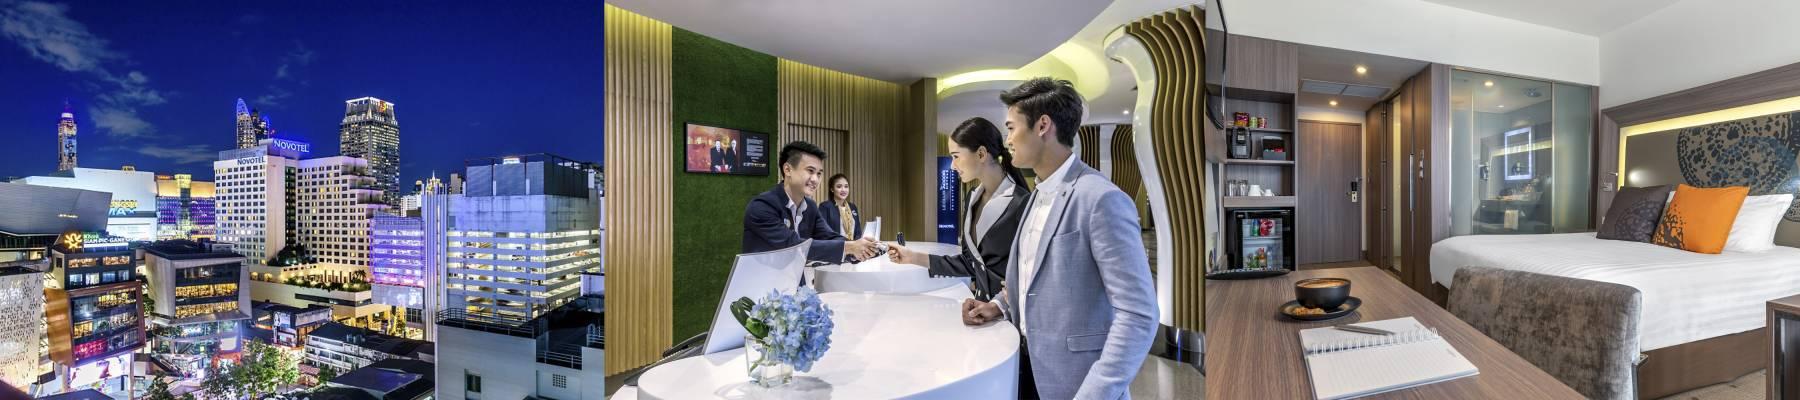 โรงแรมที่ดีที่สุดในกรุงเทพ